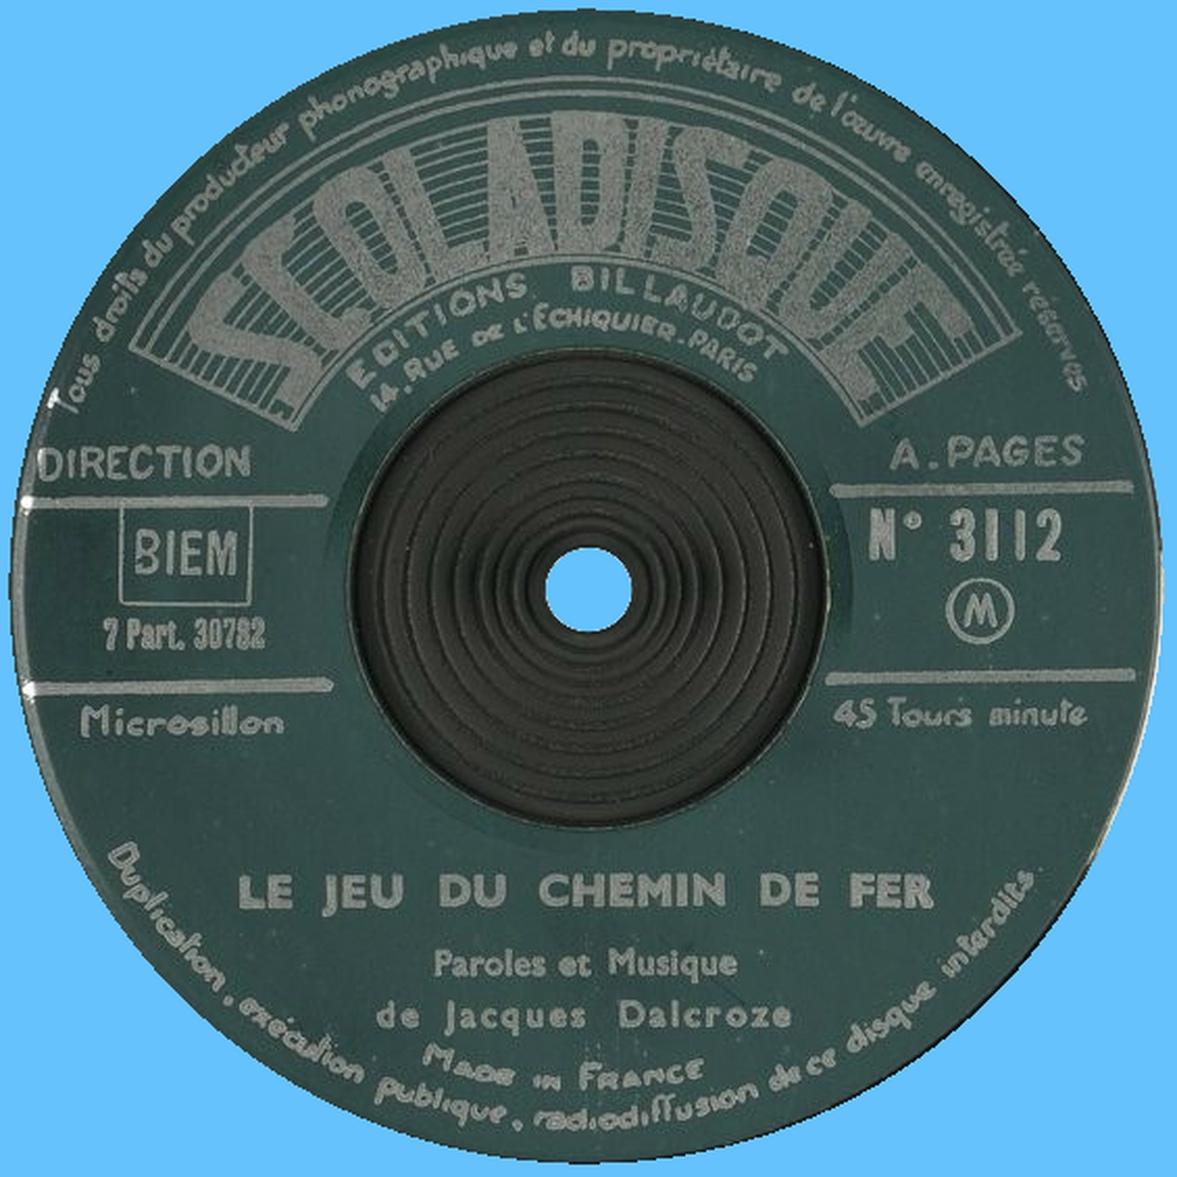 Étiquette verso du disque Scoladisque No 3112